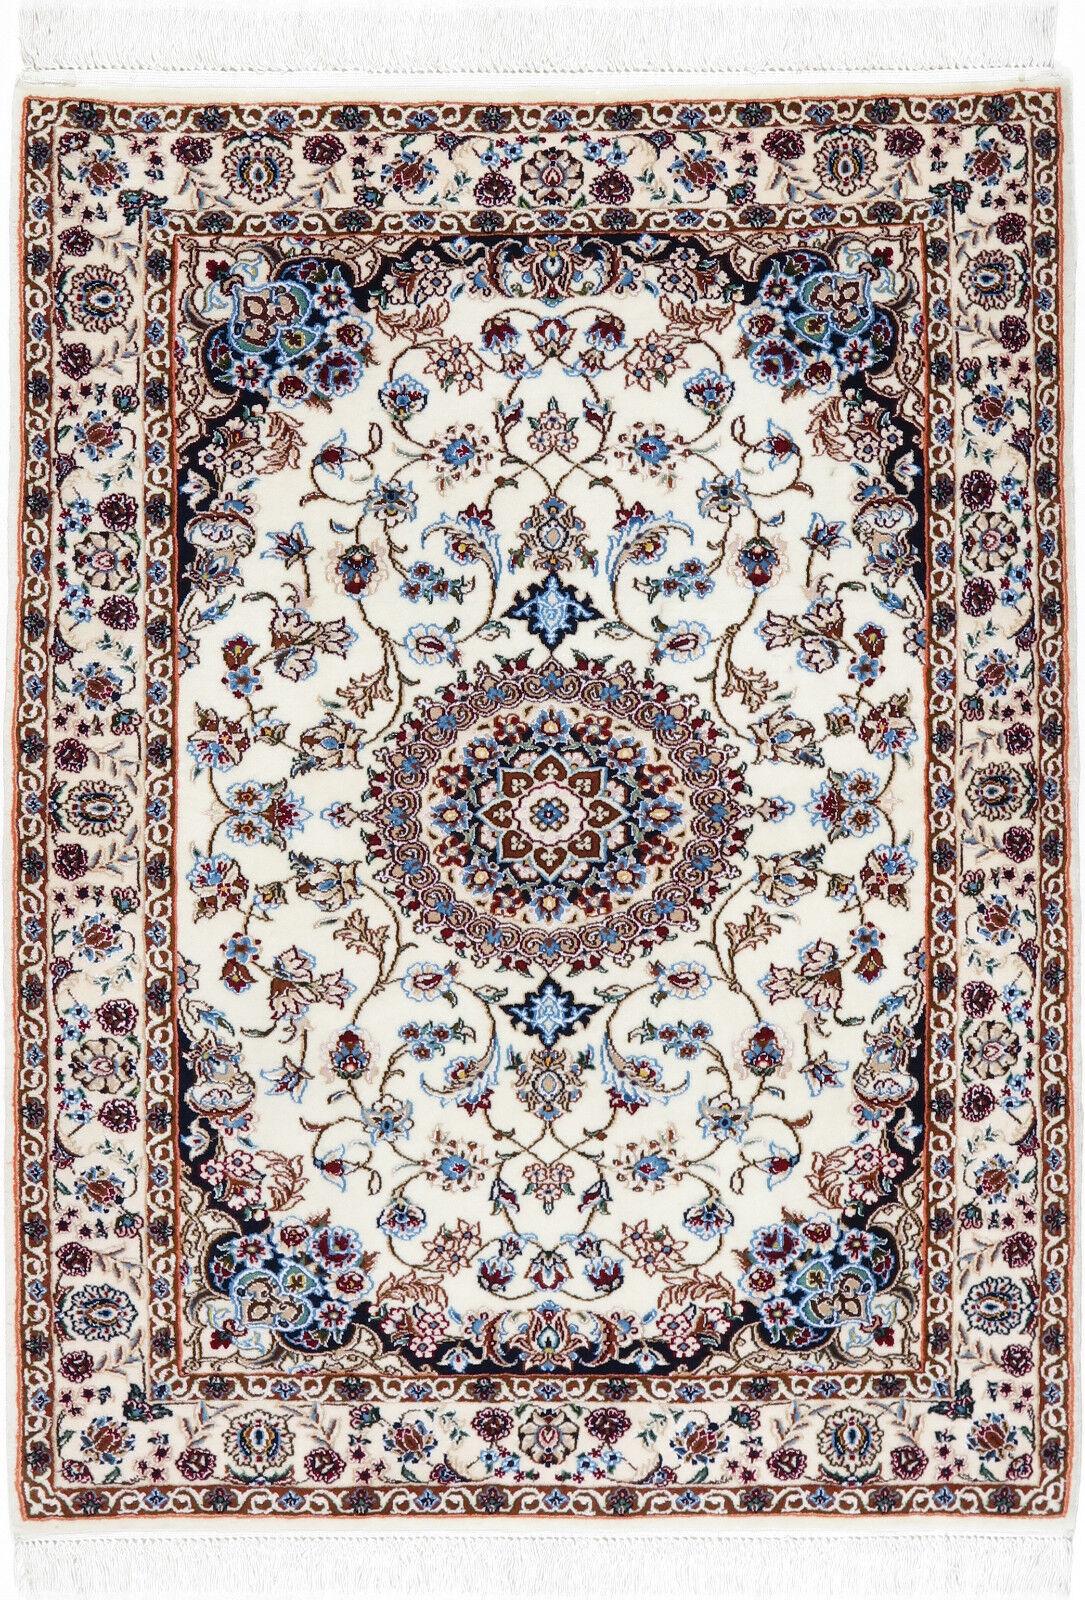 NAIN TAPPETO Orientale Tappeto Rug Carpet parte di Tapis Tapis Tapis tapijt Tappeto Alfombra arte natura cd7bbf